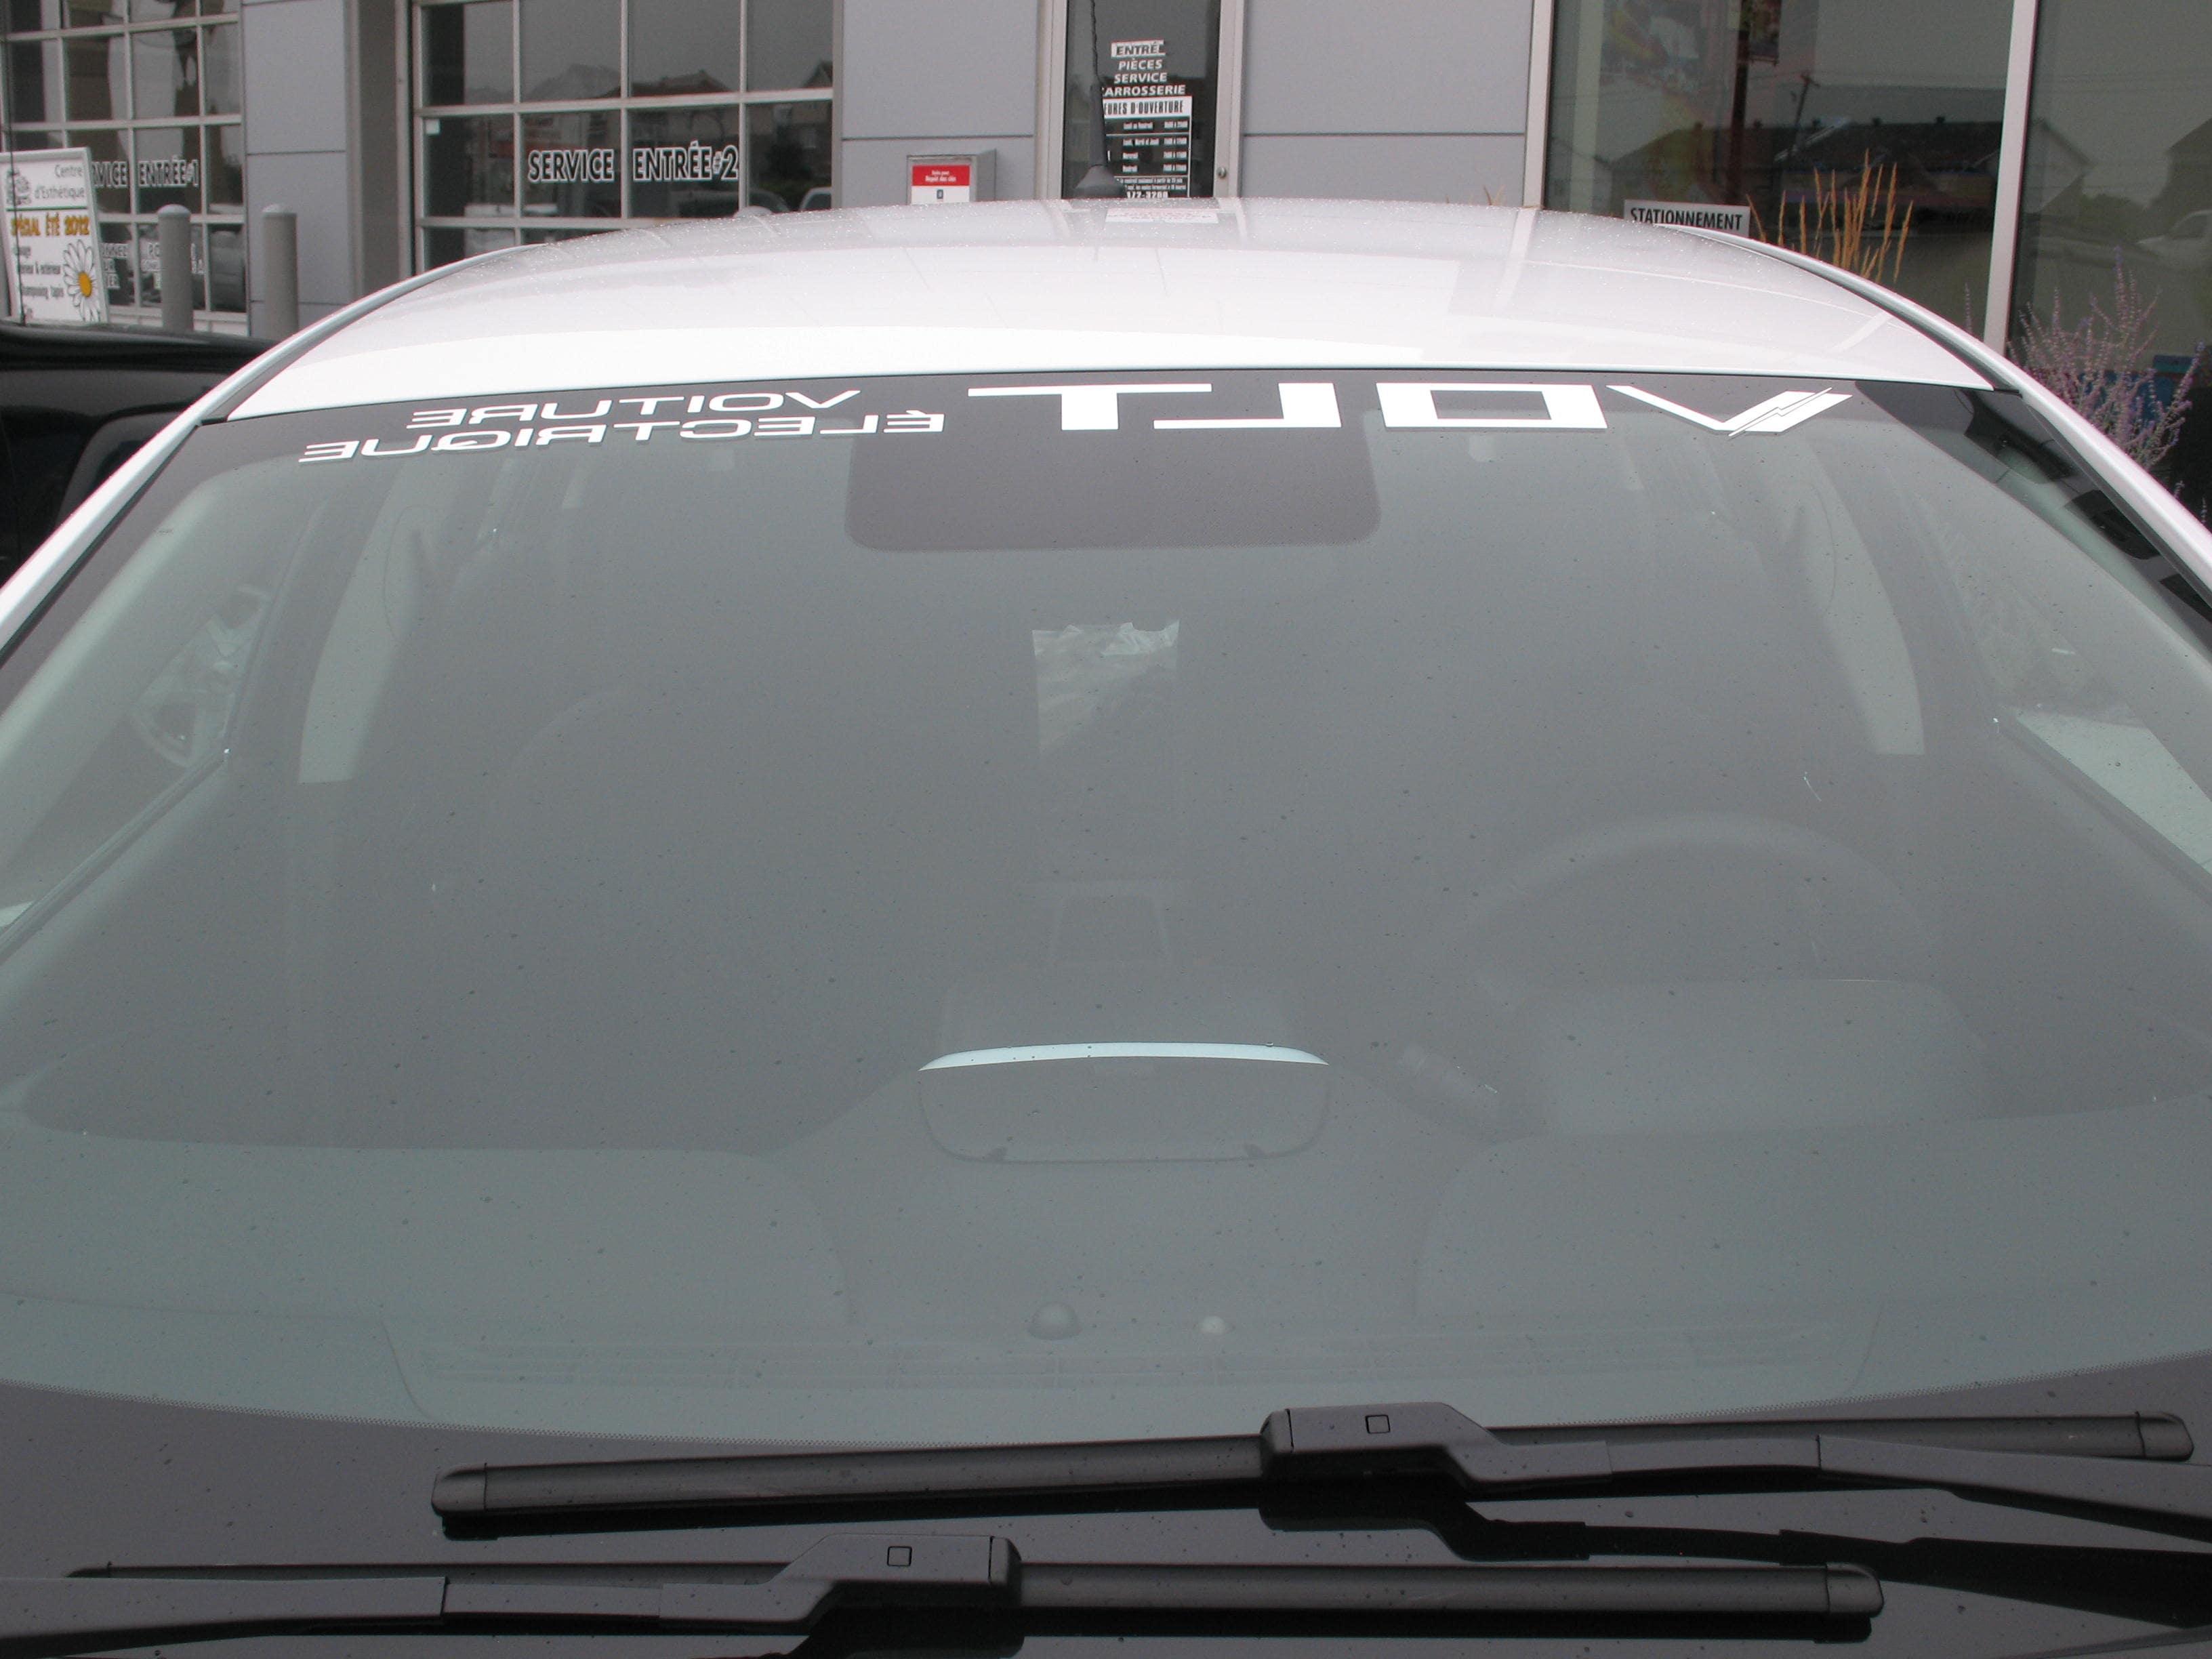 ... , GMC, Oldsmobile, Pontiac concessionnaire à ST-EUSTACHE, QC J7P 4W9